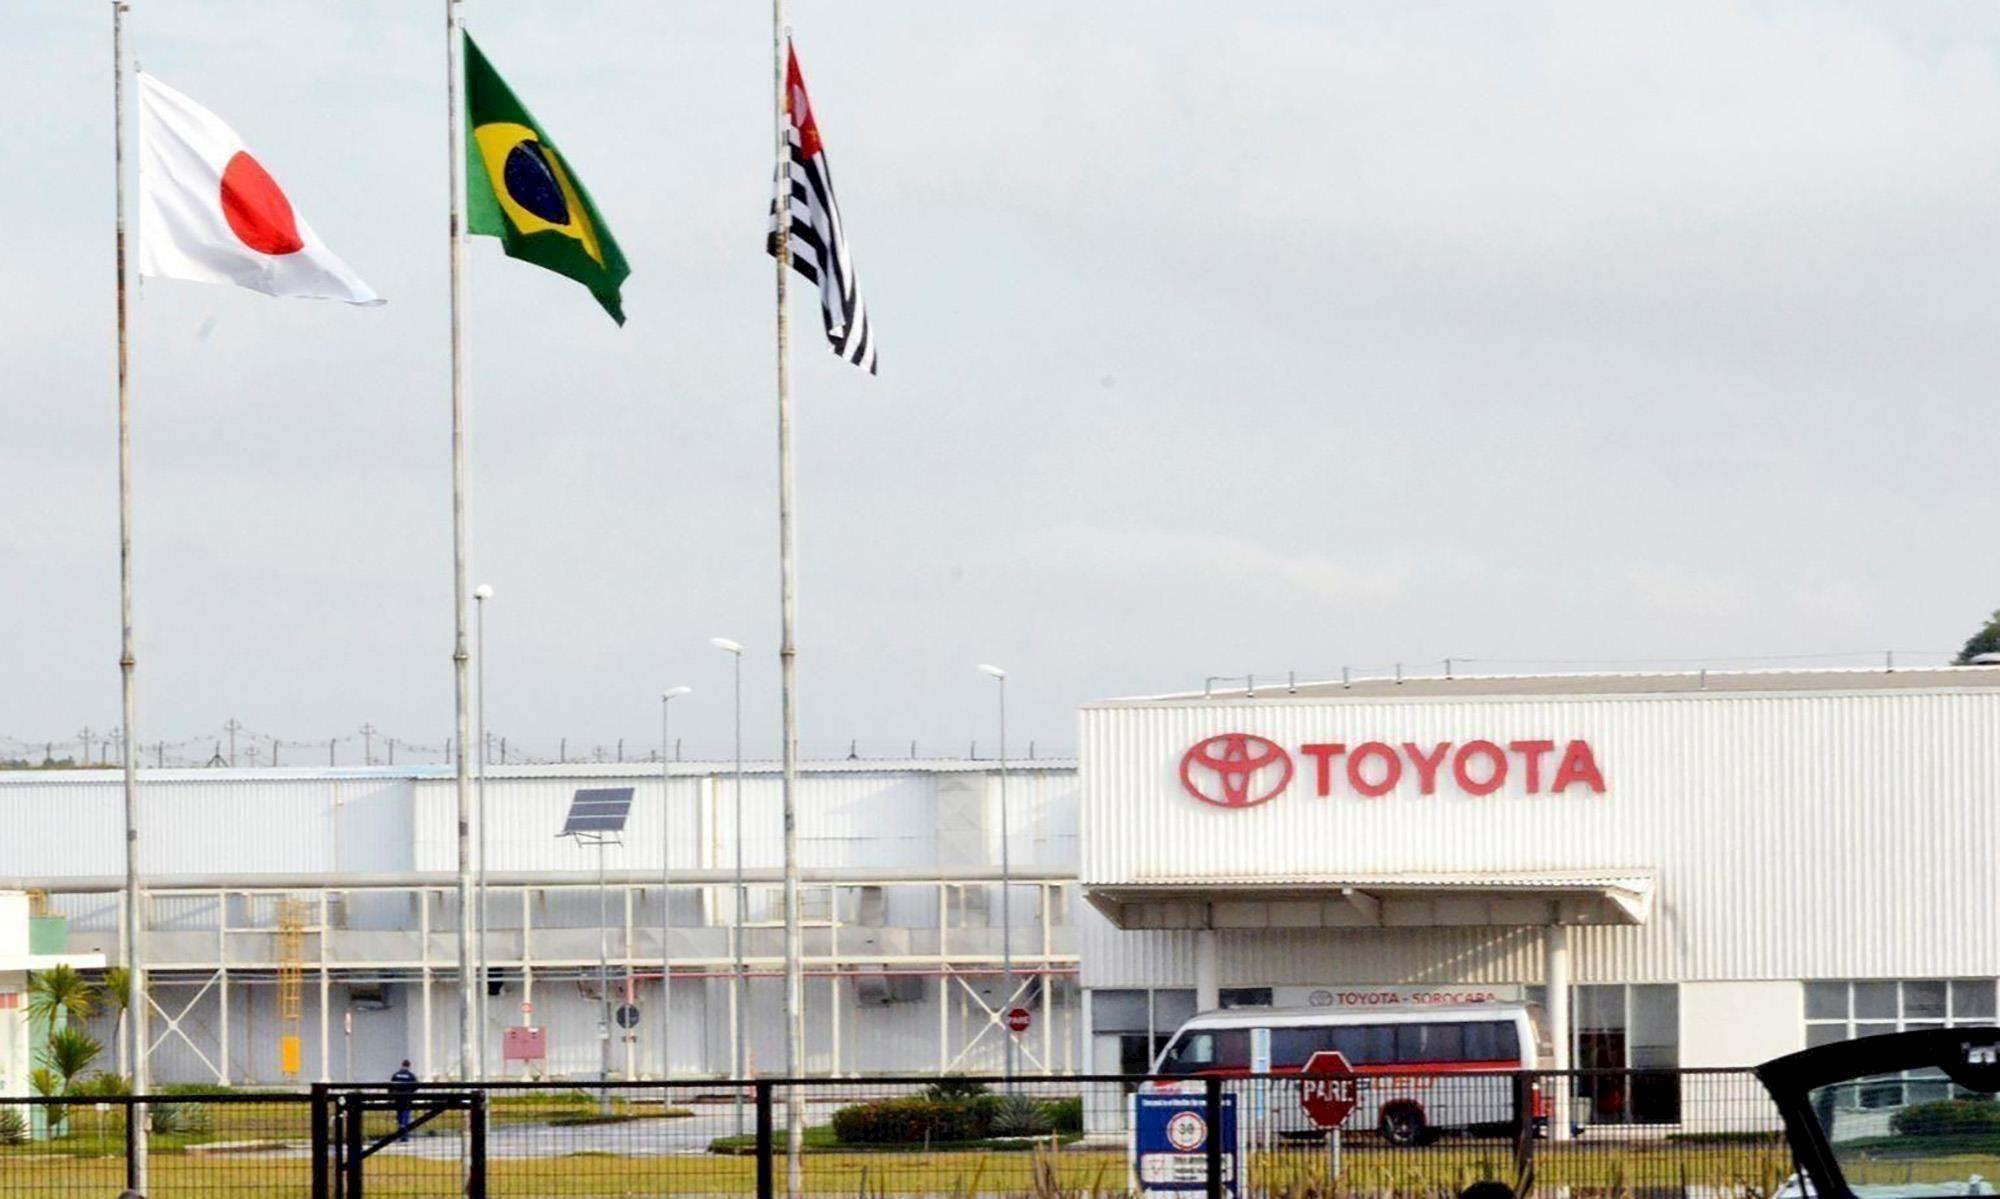 Toyota, acordo, smetal, coronavírus, sorocaba, montadora, , Foguinho/Arquivo Imprensa SMetal